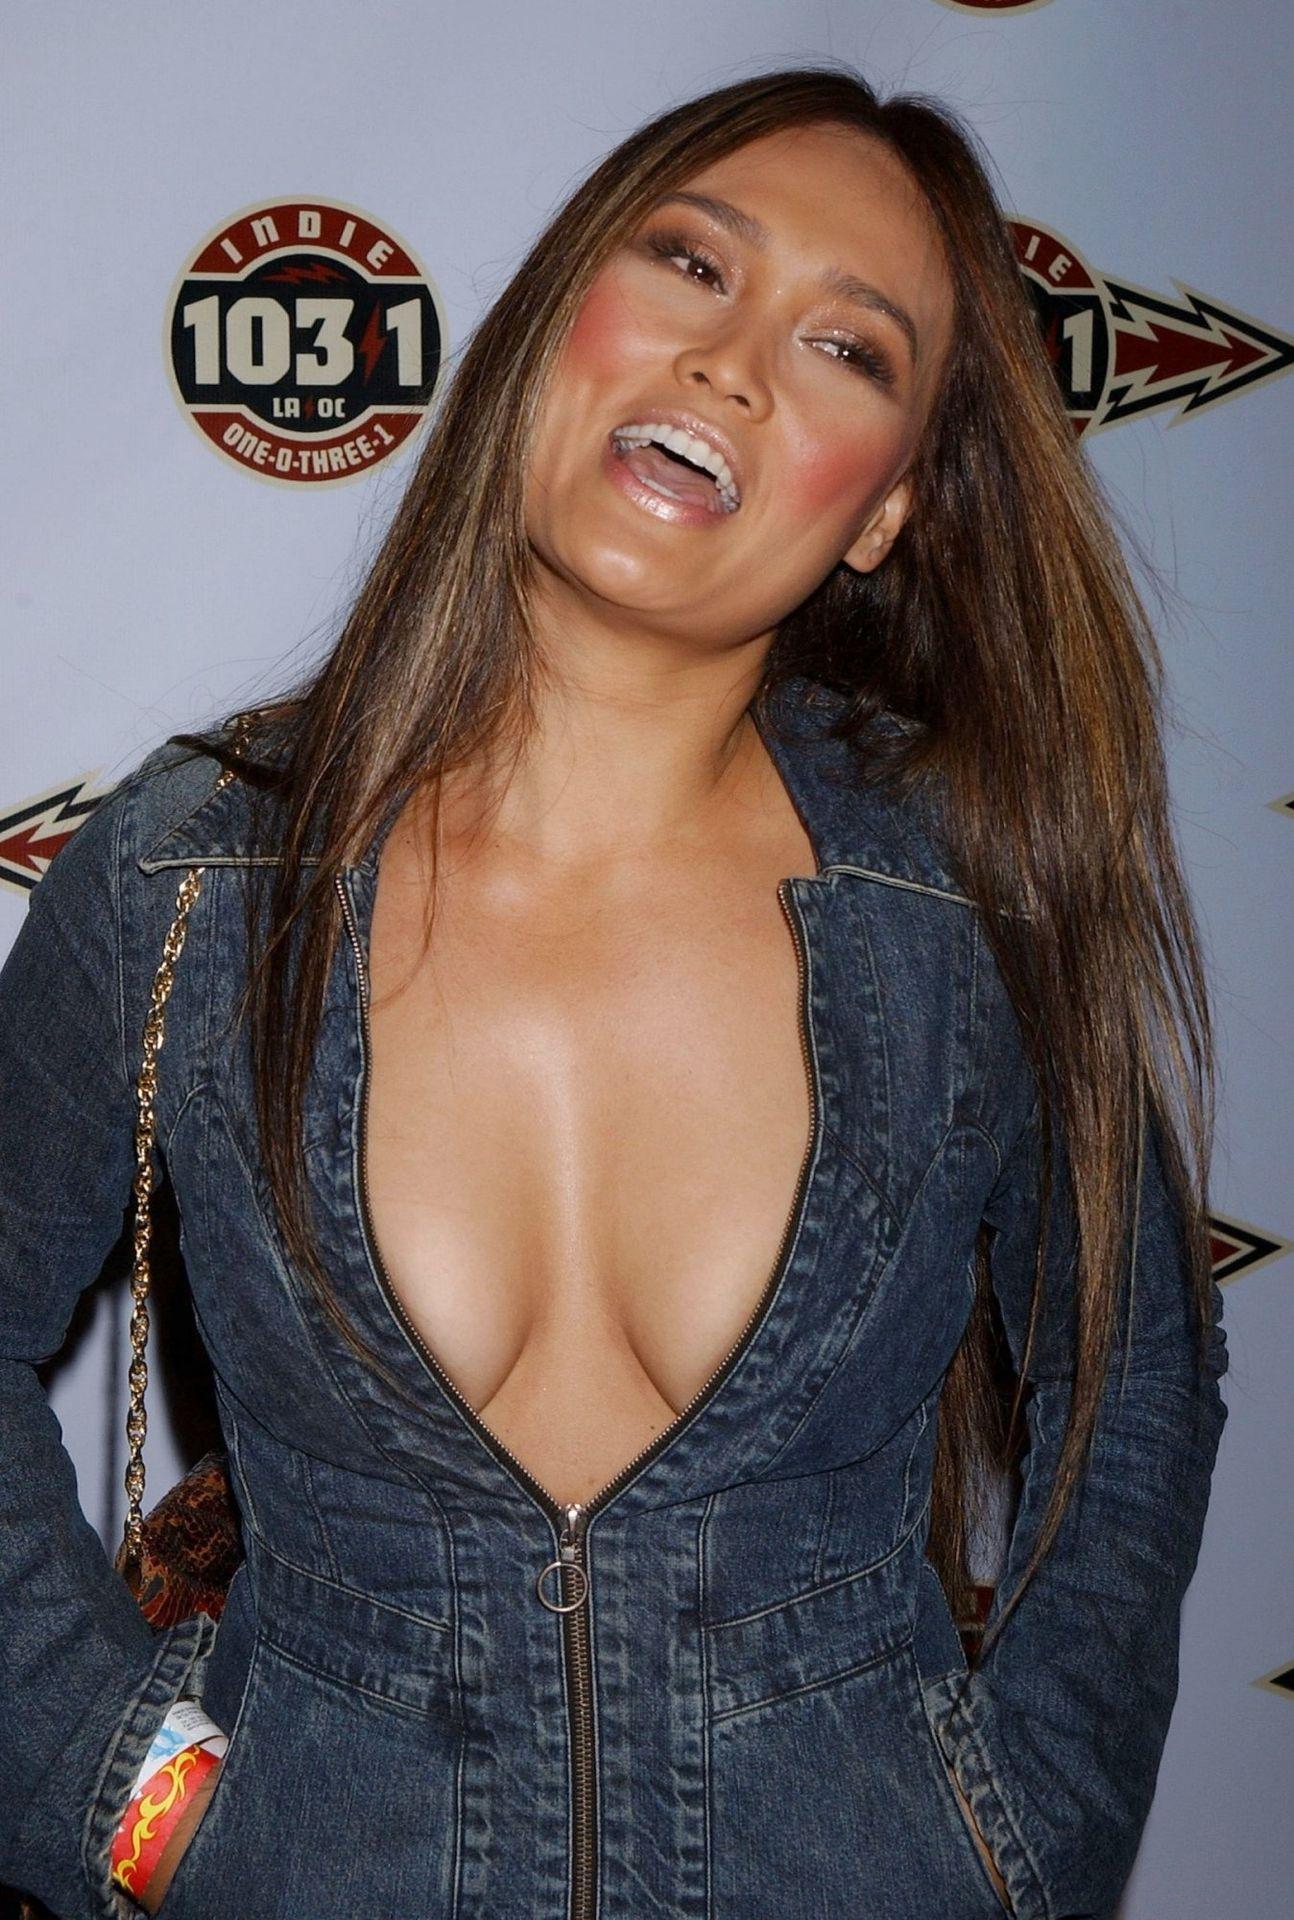 tia-carrere-nude-Sexy-25-thefappeningblog.com_.jpg